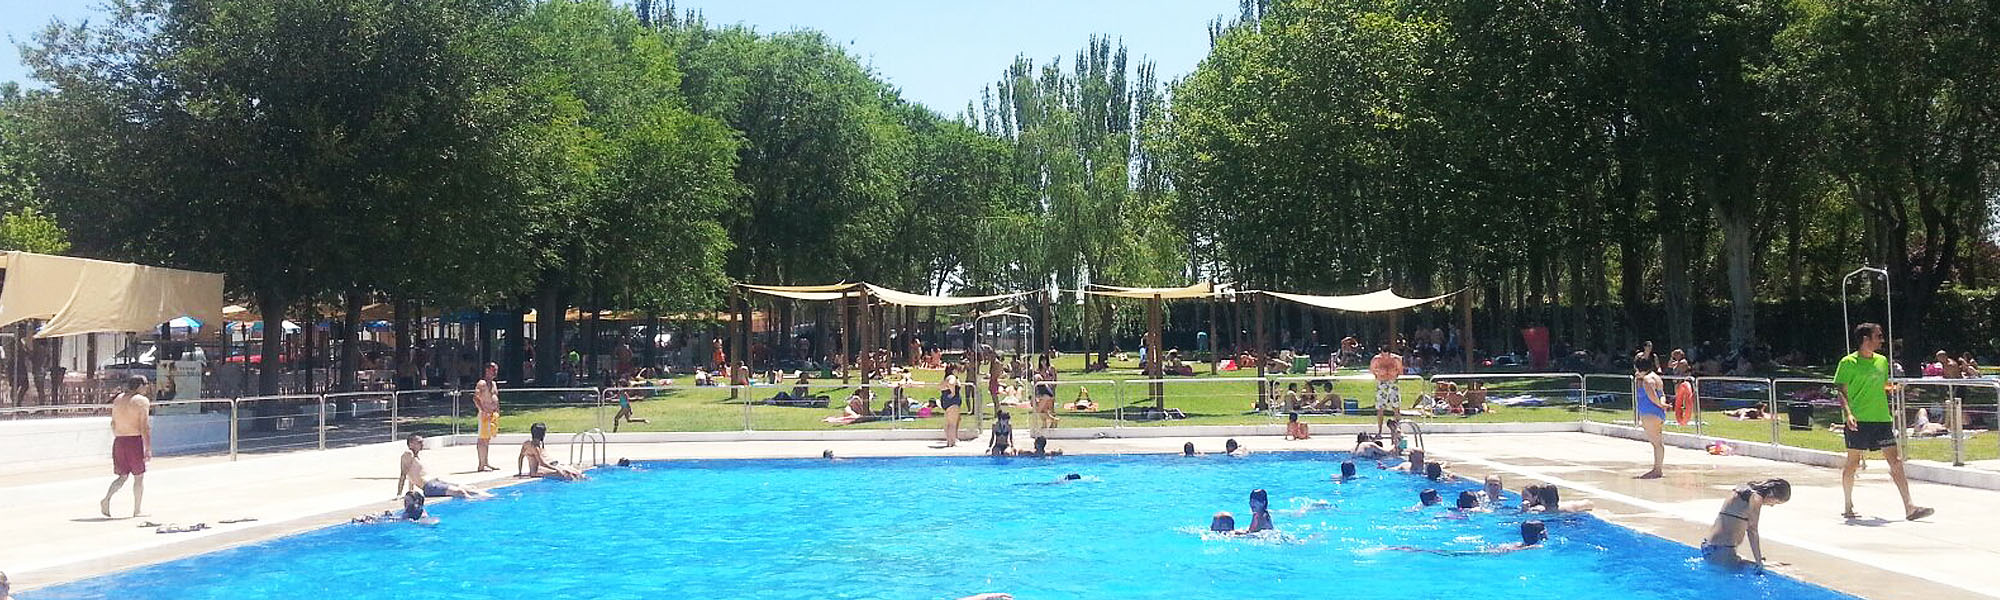 piscina municipal de verano de moraleja de enmedio